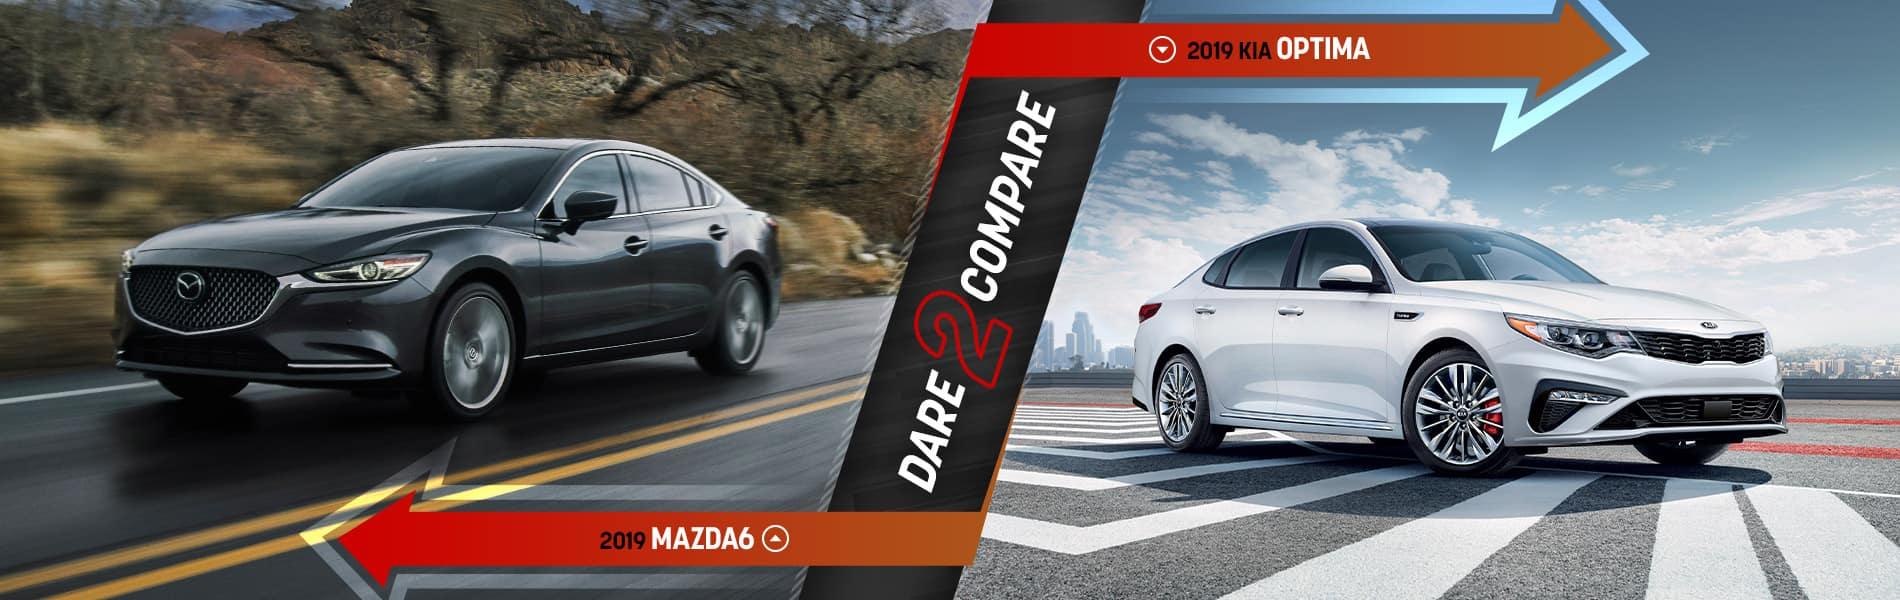 2019 Mazda6 vs Competition - Mazda of Bedford - Bedford, OH